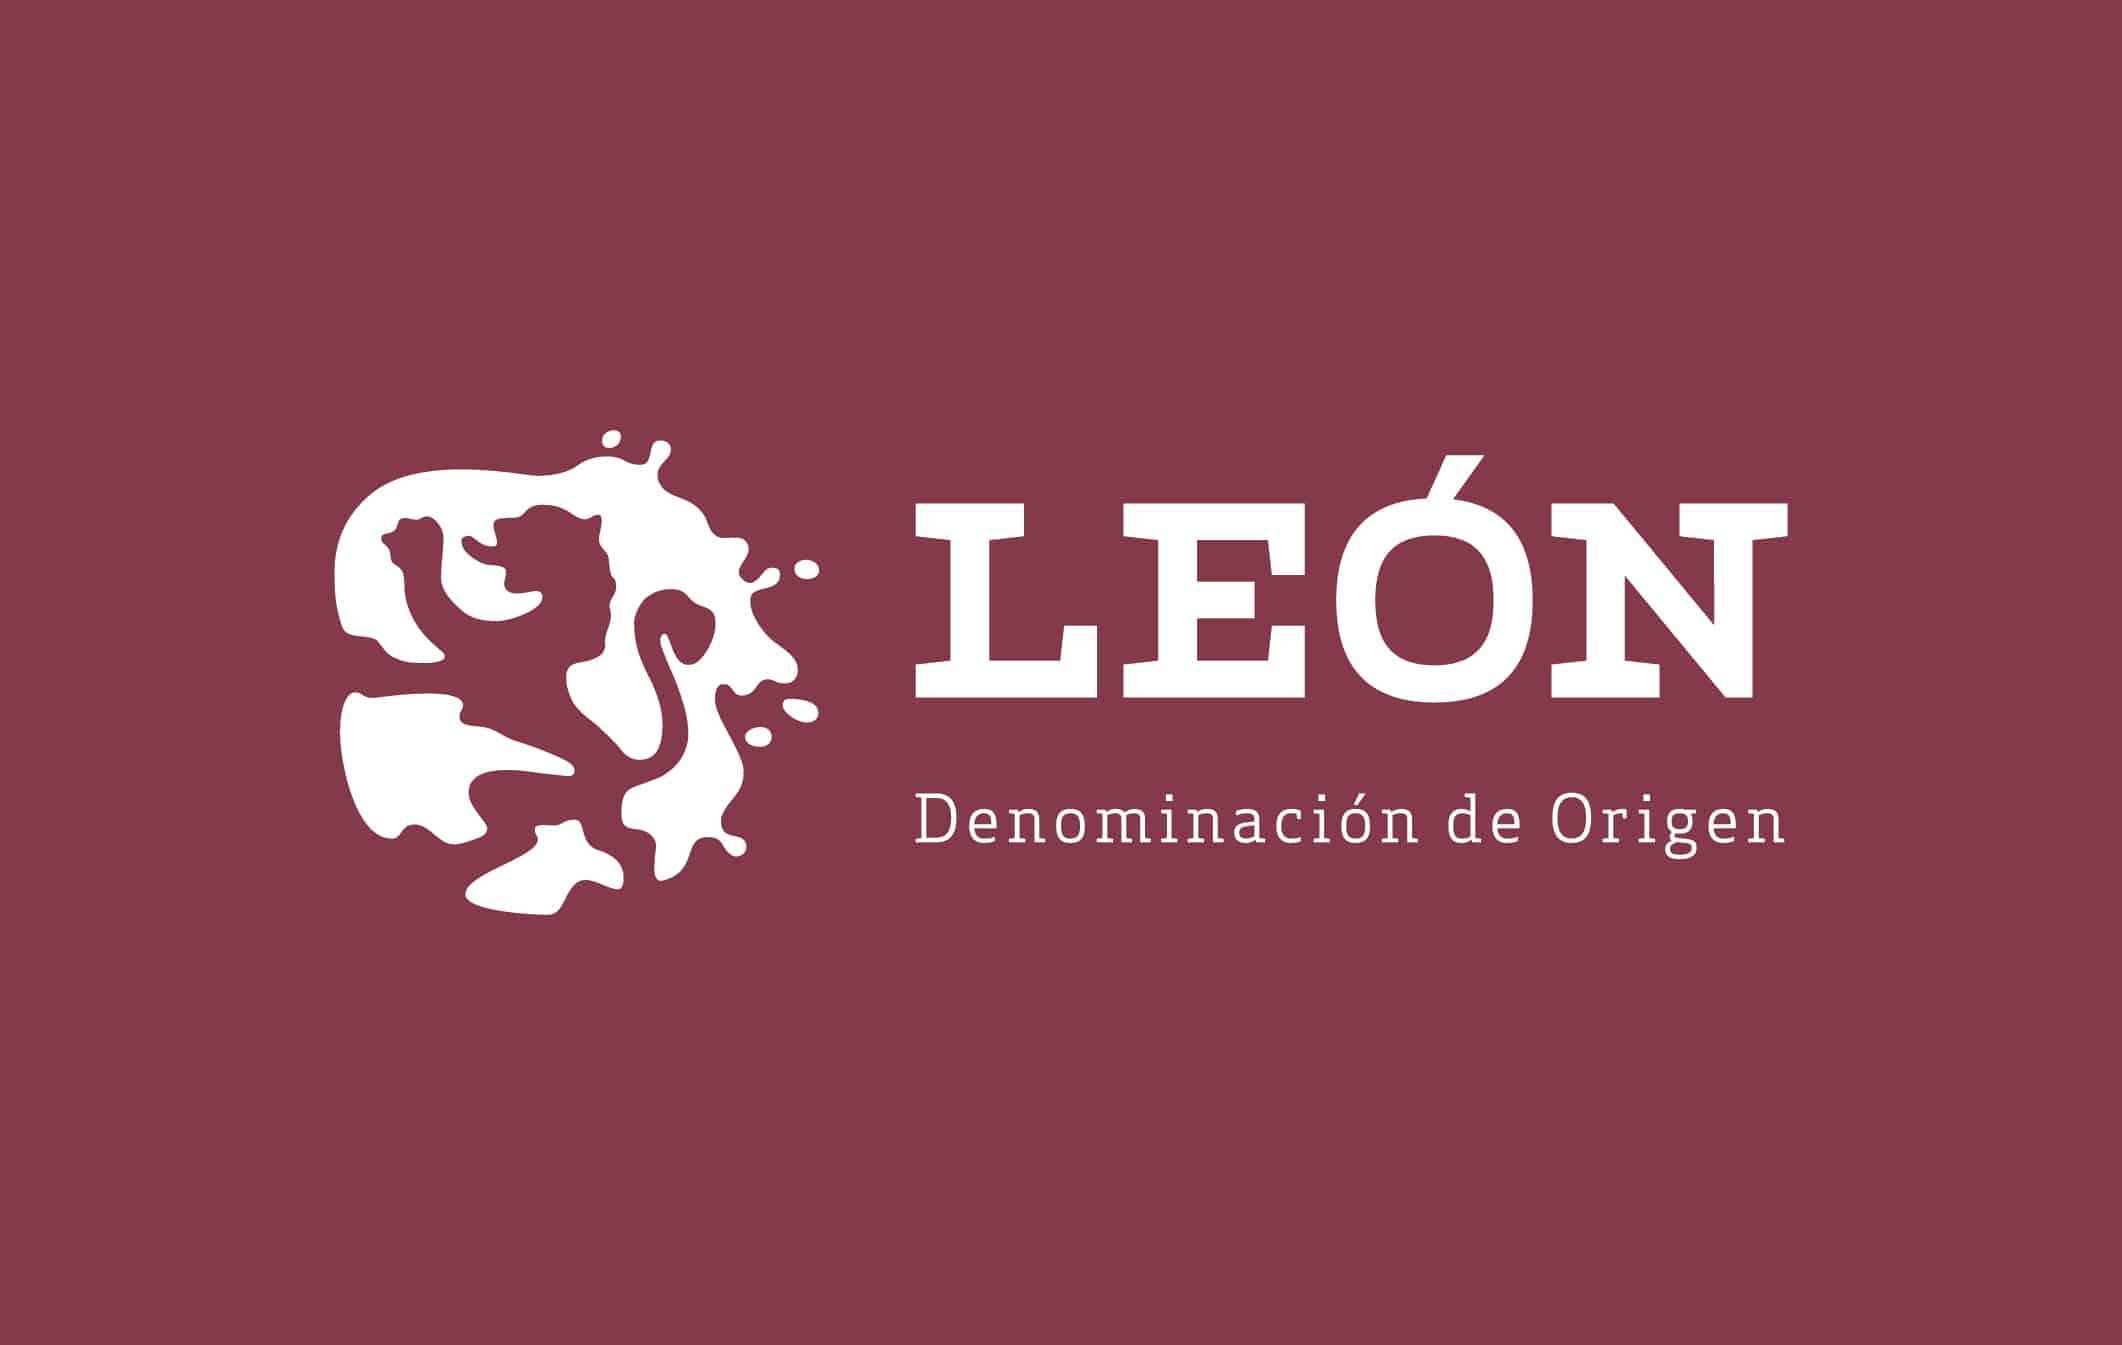 denominación de origen león